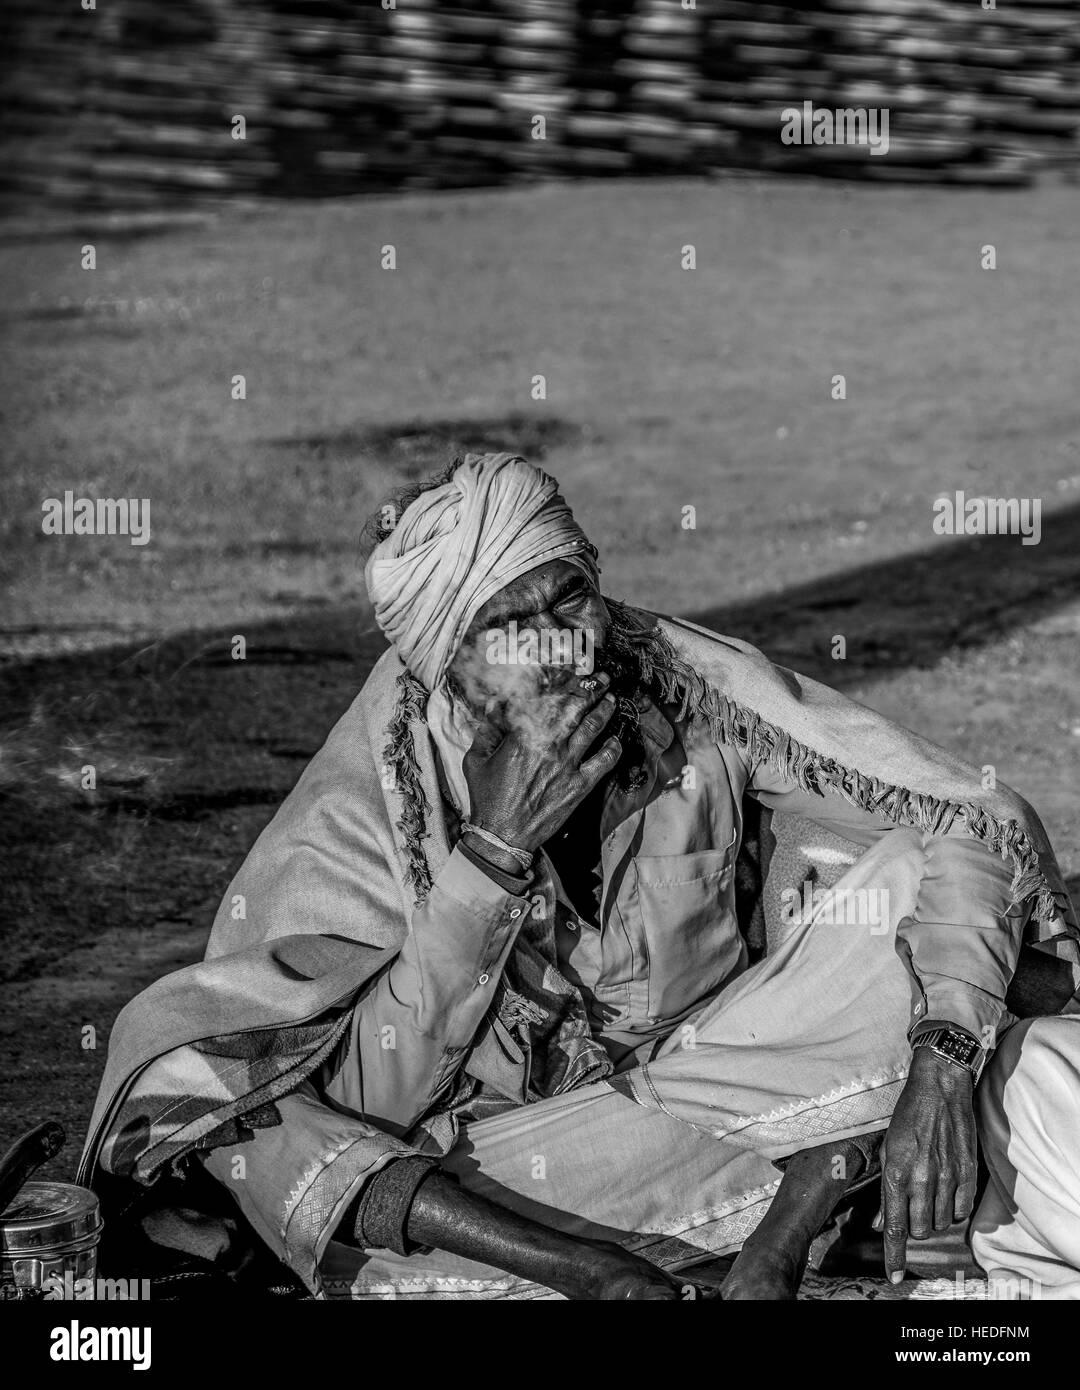 Sadhu enjoying his smoking. - Stock Image